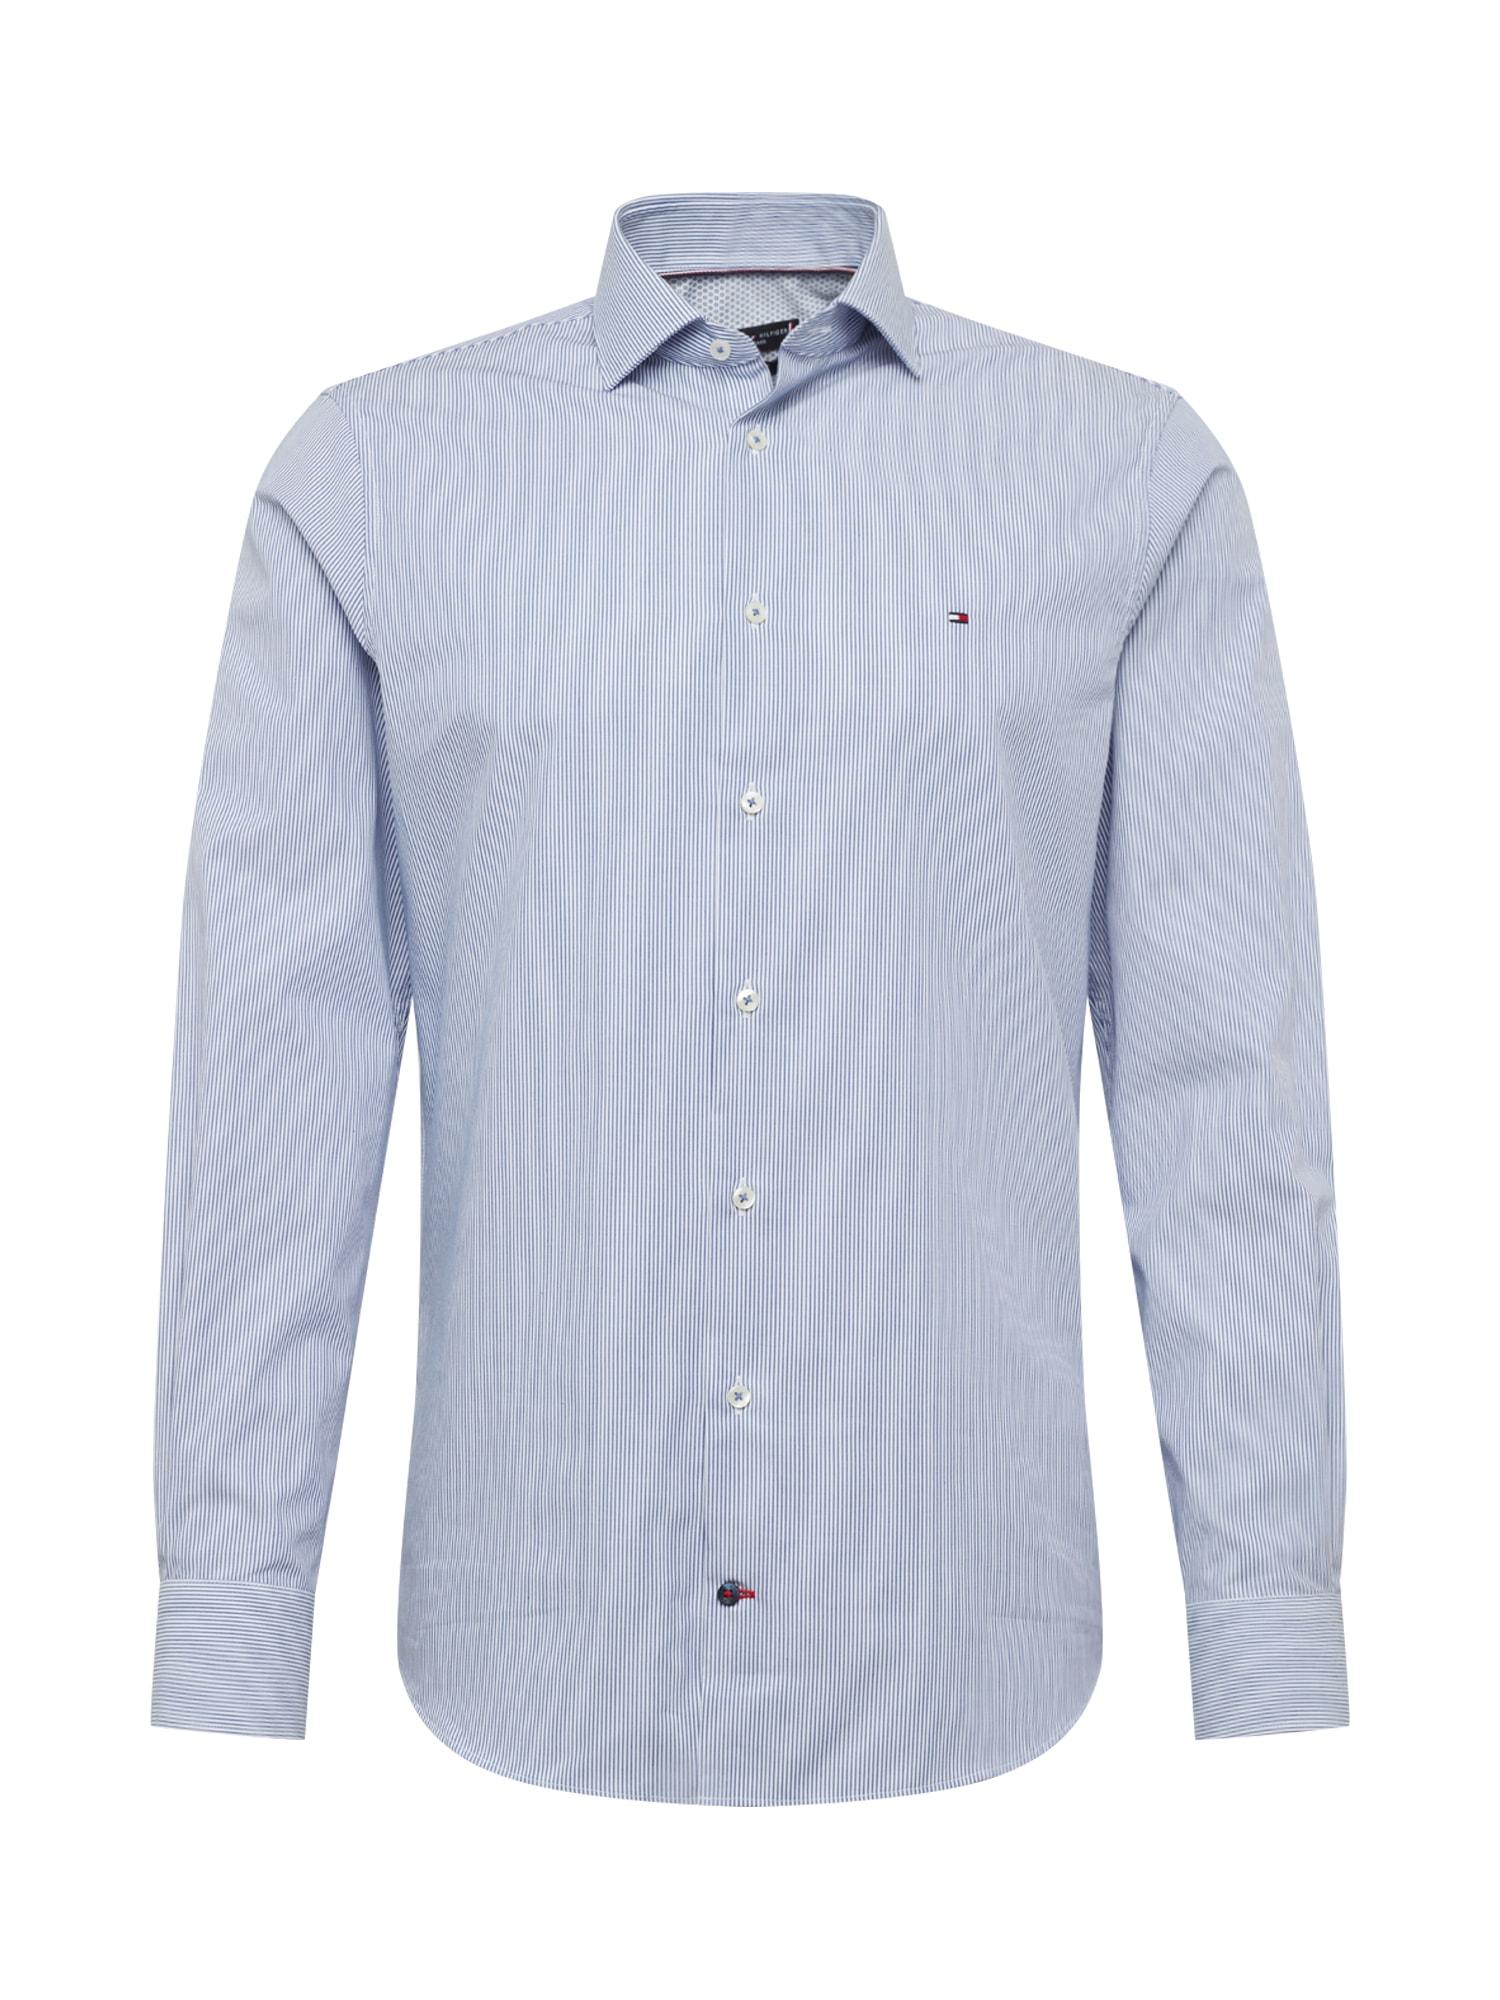 Tommy Hilfiger Tailored Košeľa  biela / námornícka modrá